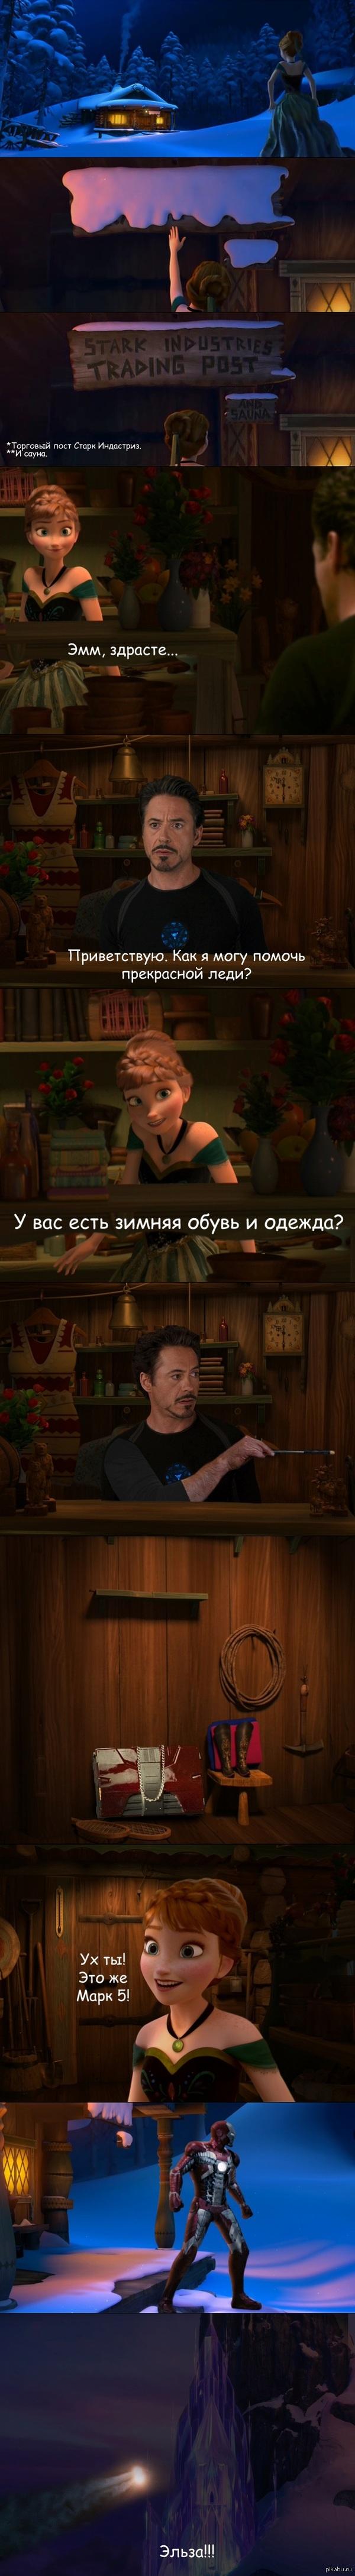 Если бы Анна набрела на немного другой магазин Бонус в комментариях)